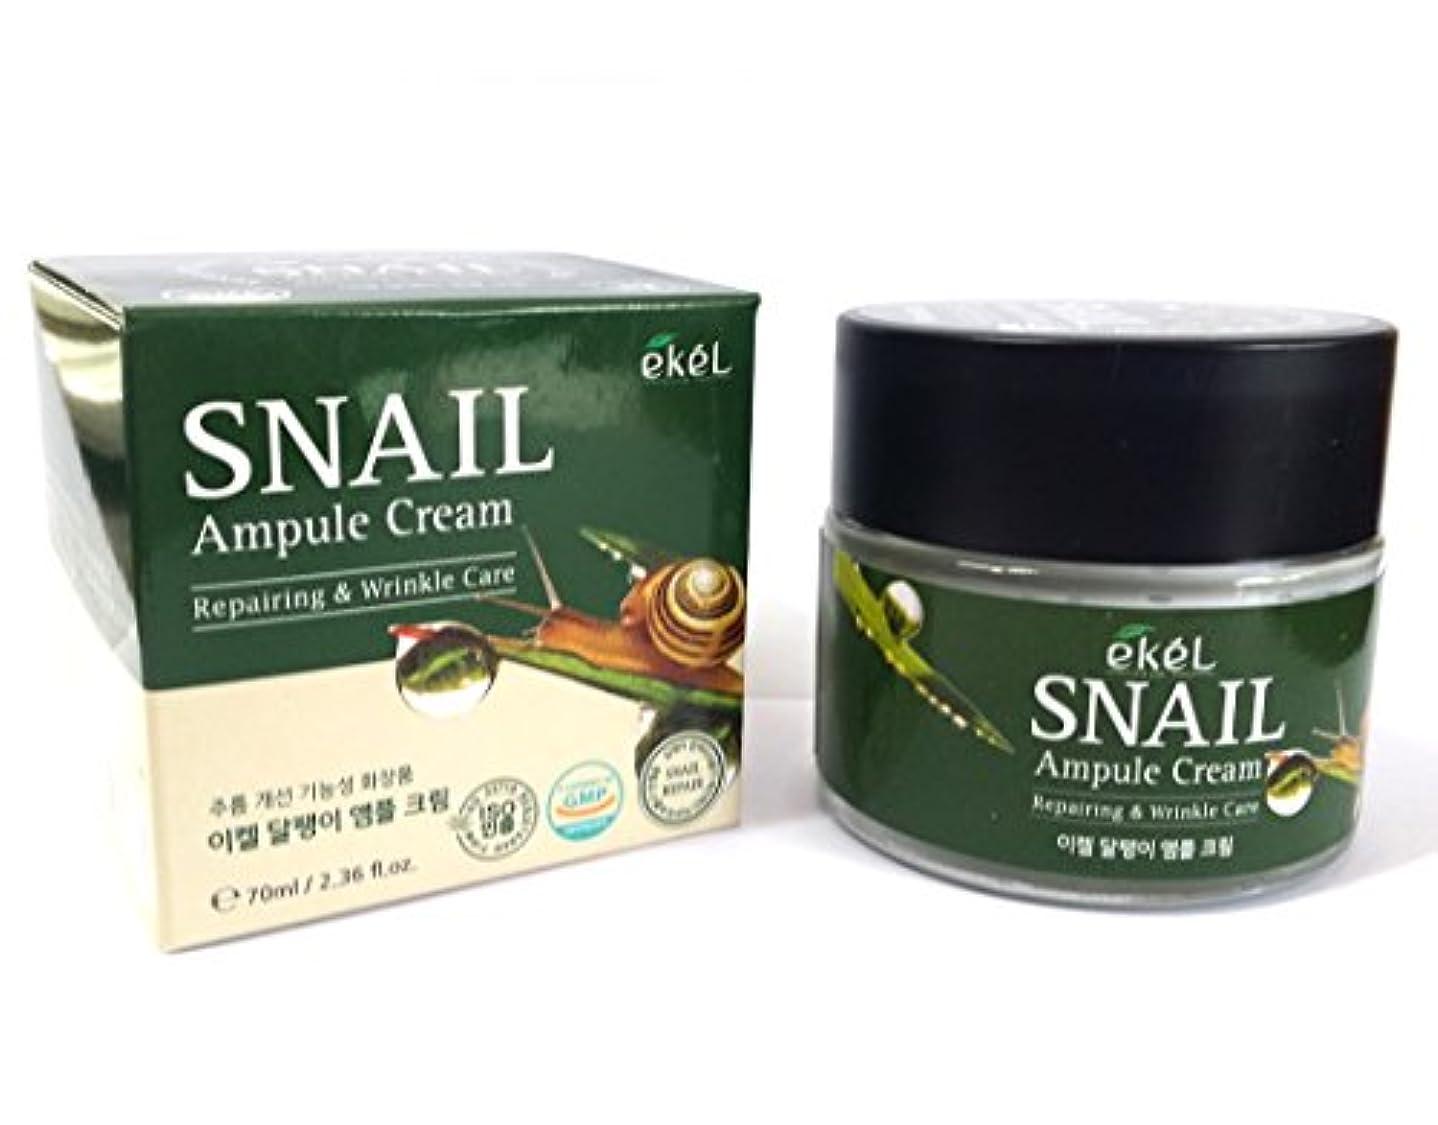 災害最後に具体的に[EKEL] カタツムリアンプルクリーム70ml / Snail Ampule Cream 70ml / / リペアリング&リンクルケア / ハイドレーティングクリーム / Repairing & Wrinkle Care...